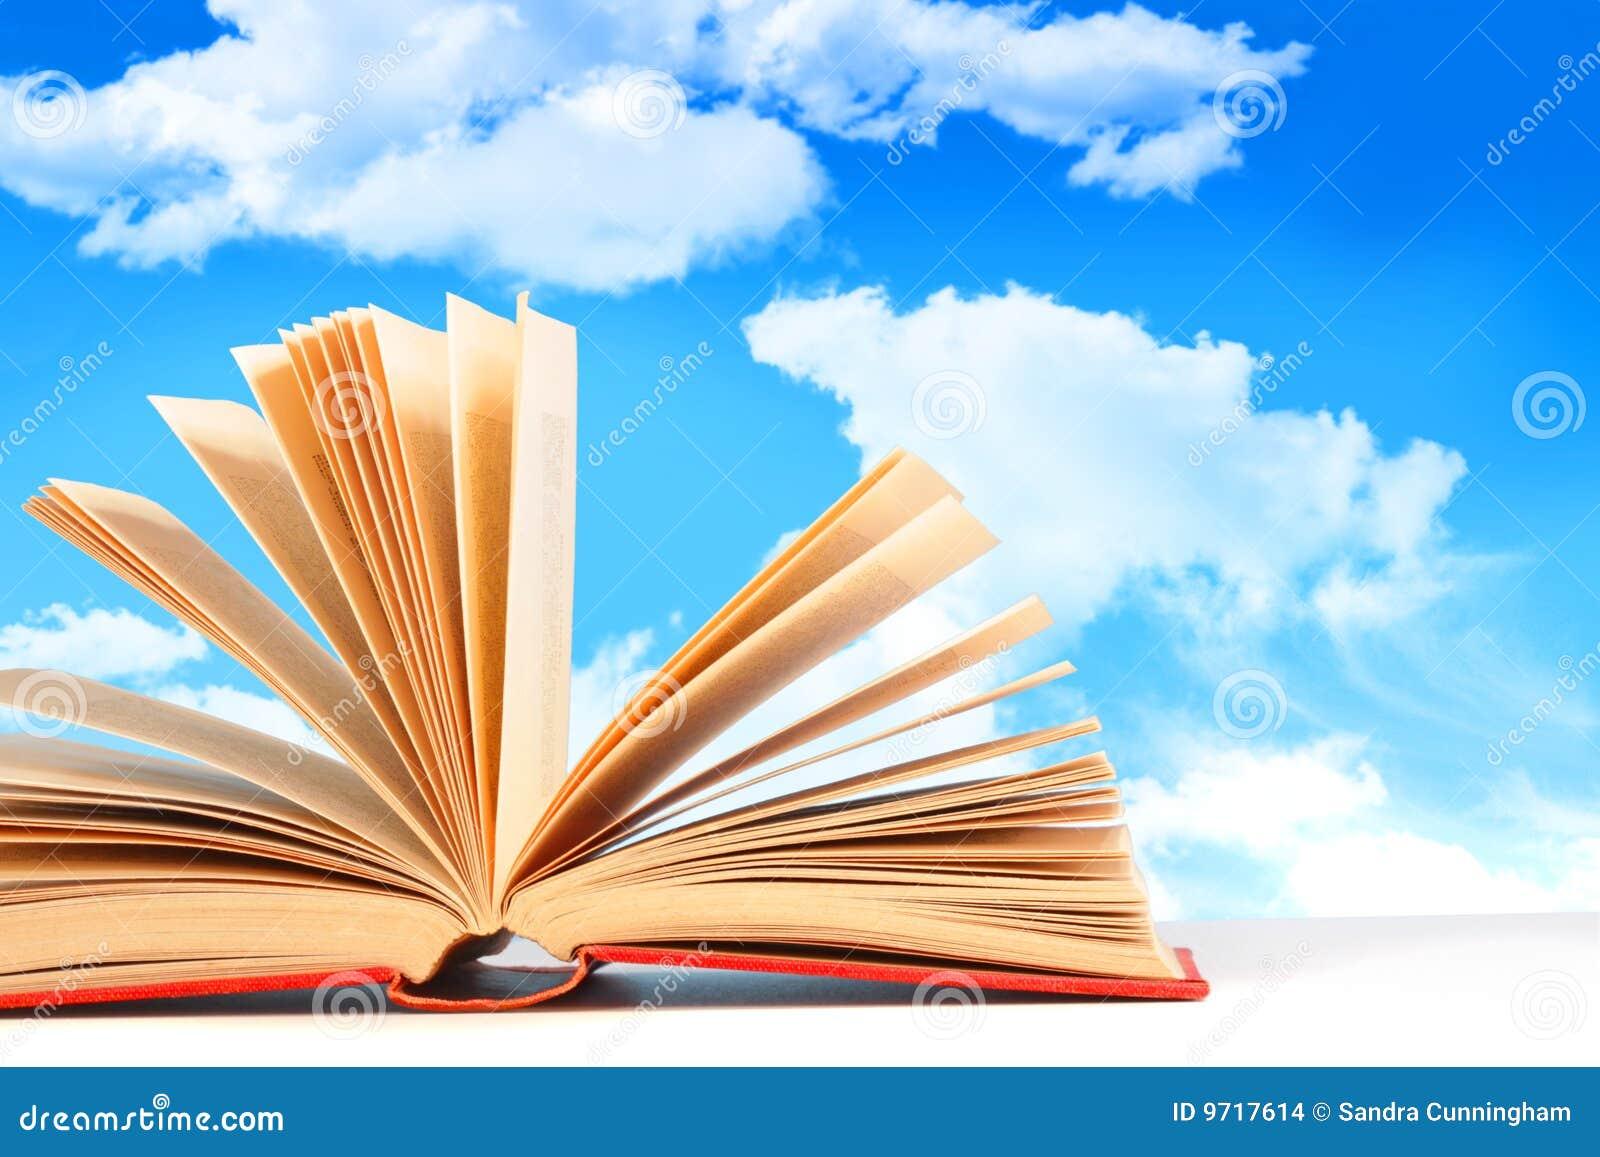 Contre Le Ciel Ouvert De Livre Bleu Photo Stock Image Du